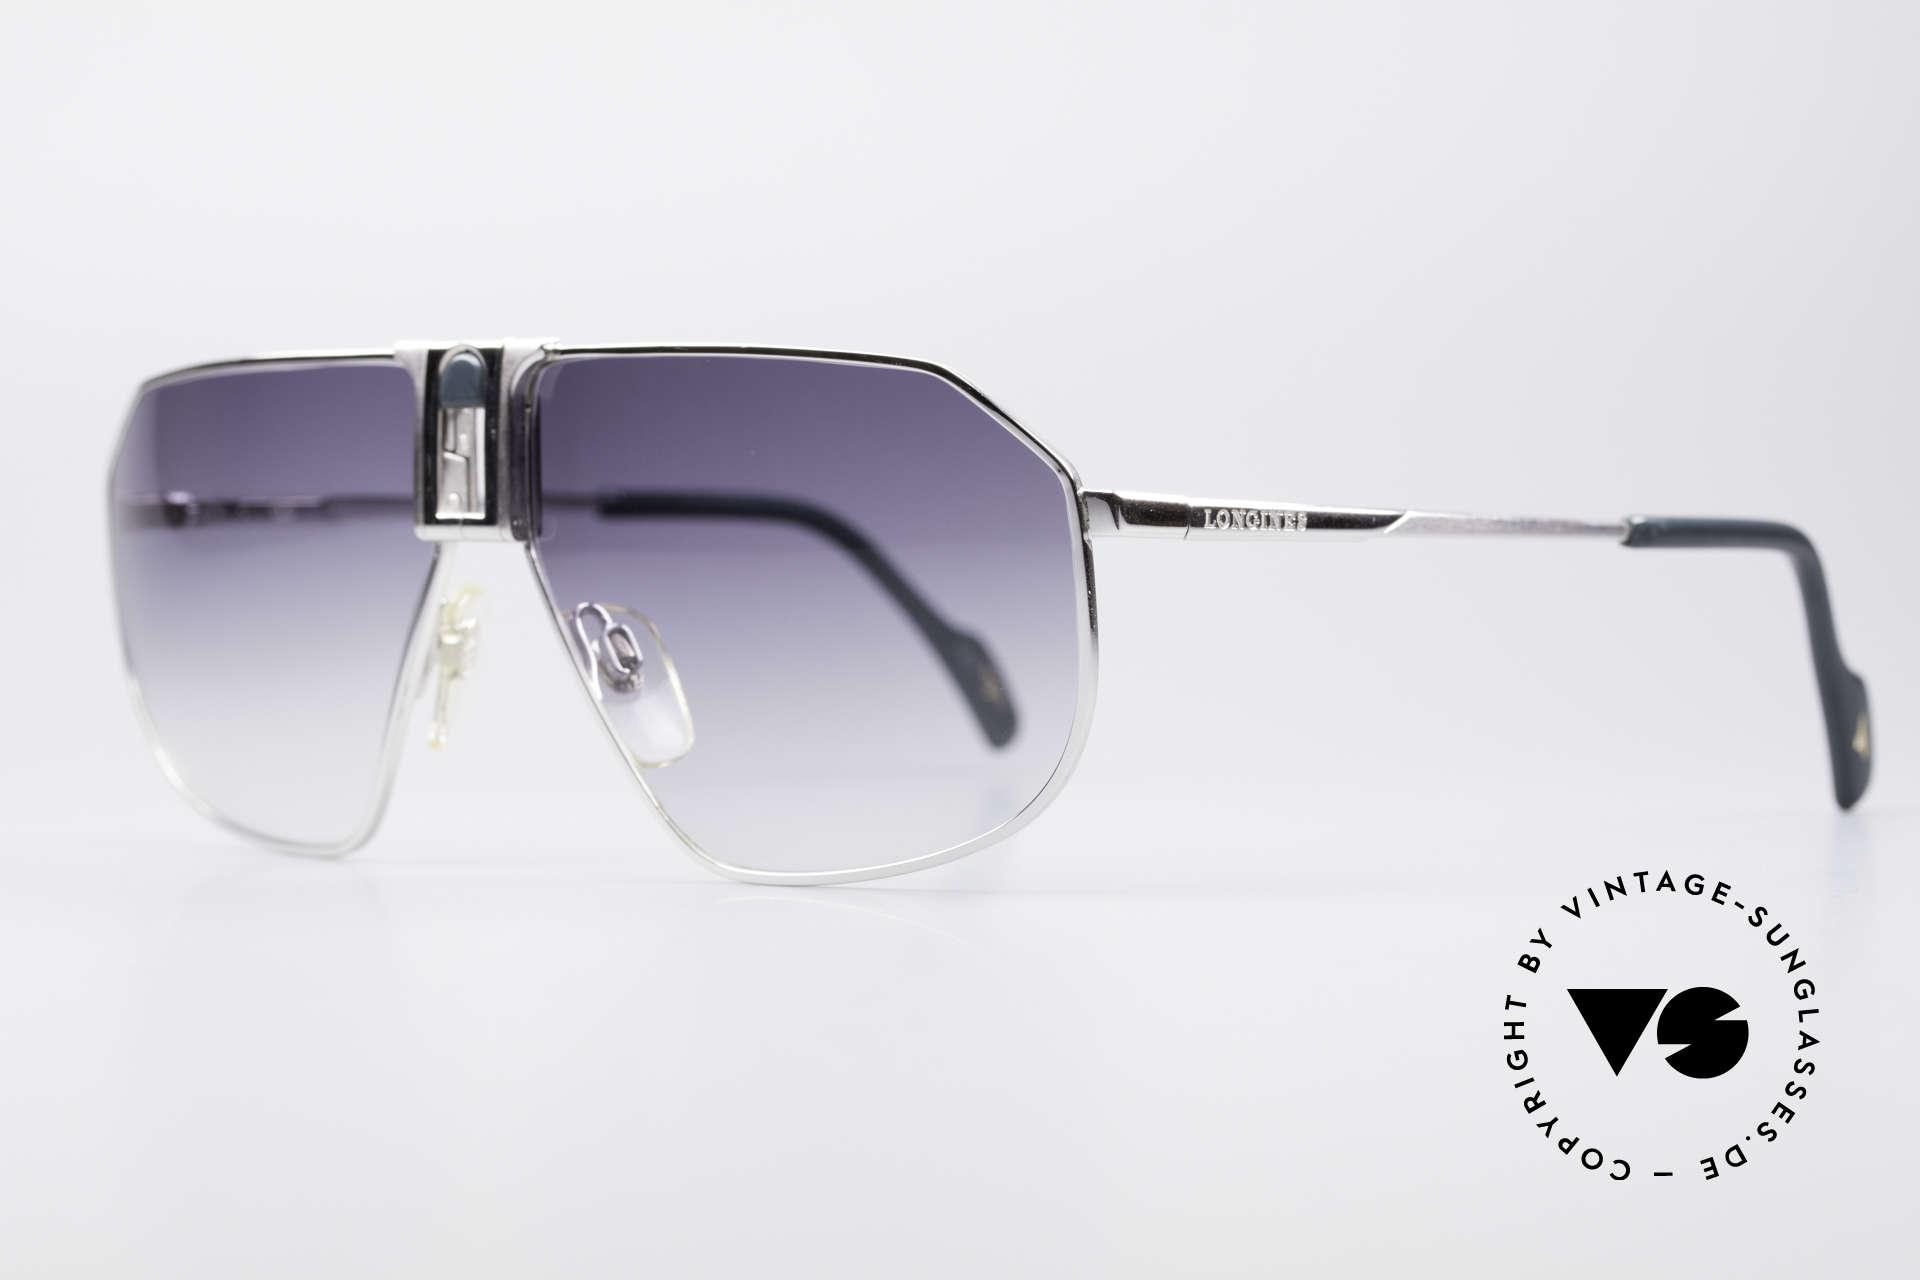 Longines 0153 Large Vintage Sonnenbrille, für Longines im Traditionshaus Metzler produziert, Passend für Herren